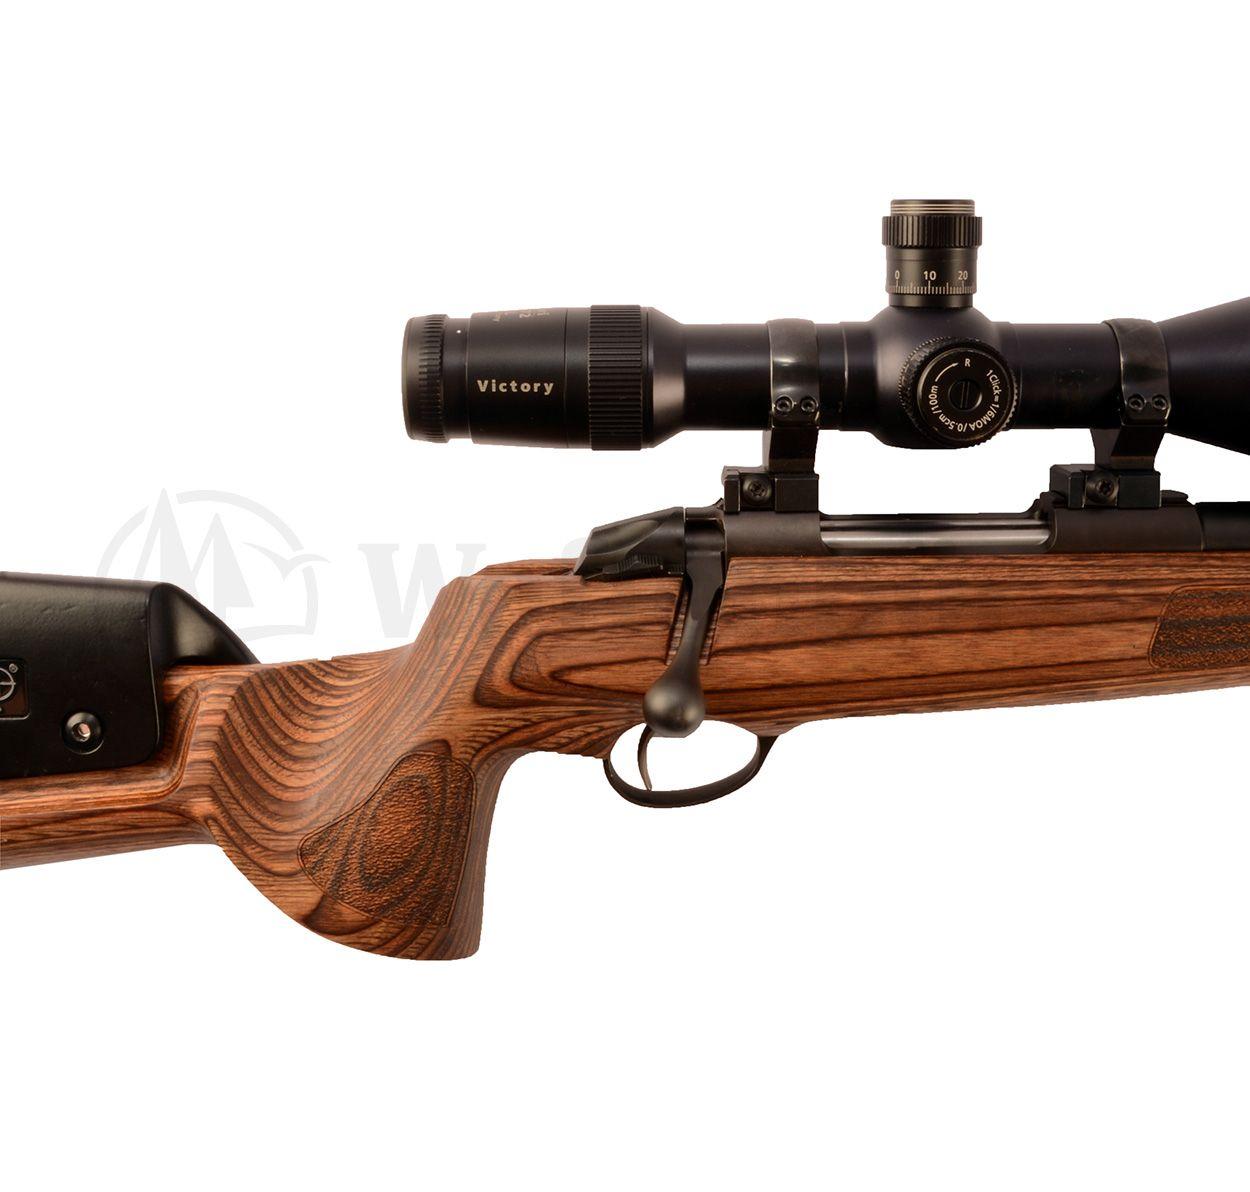 SAKO 85 Varmint Repetierer .22-250 Remington